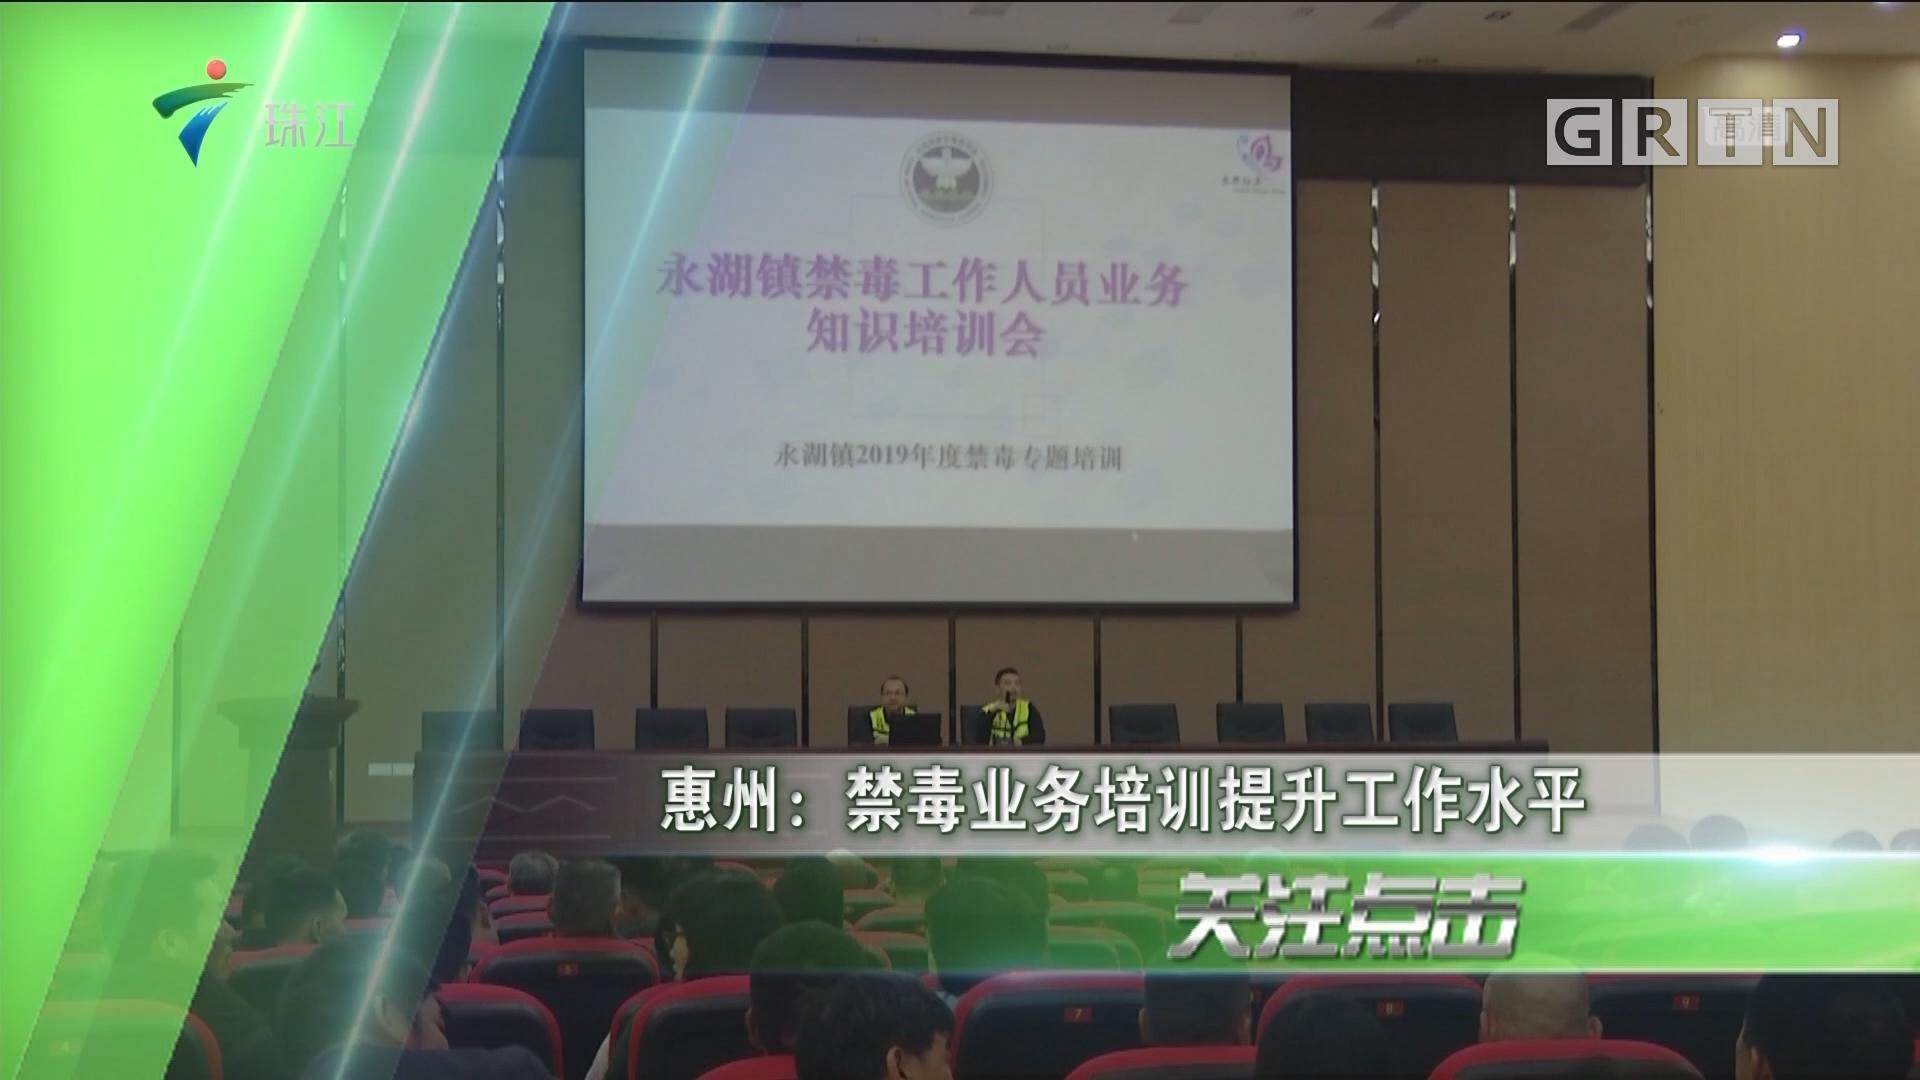 惠州:禁毒业务培训提升工作水平